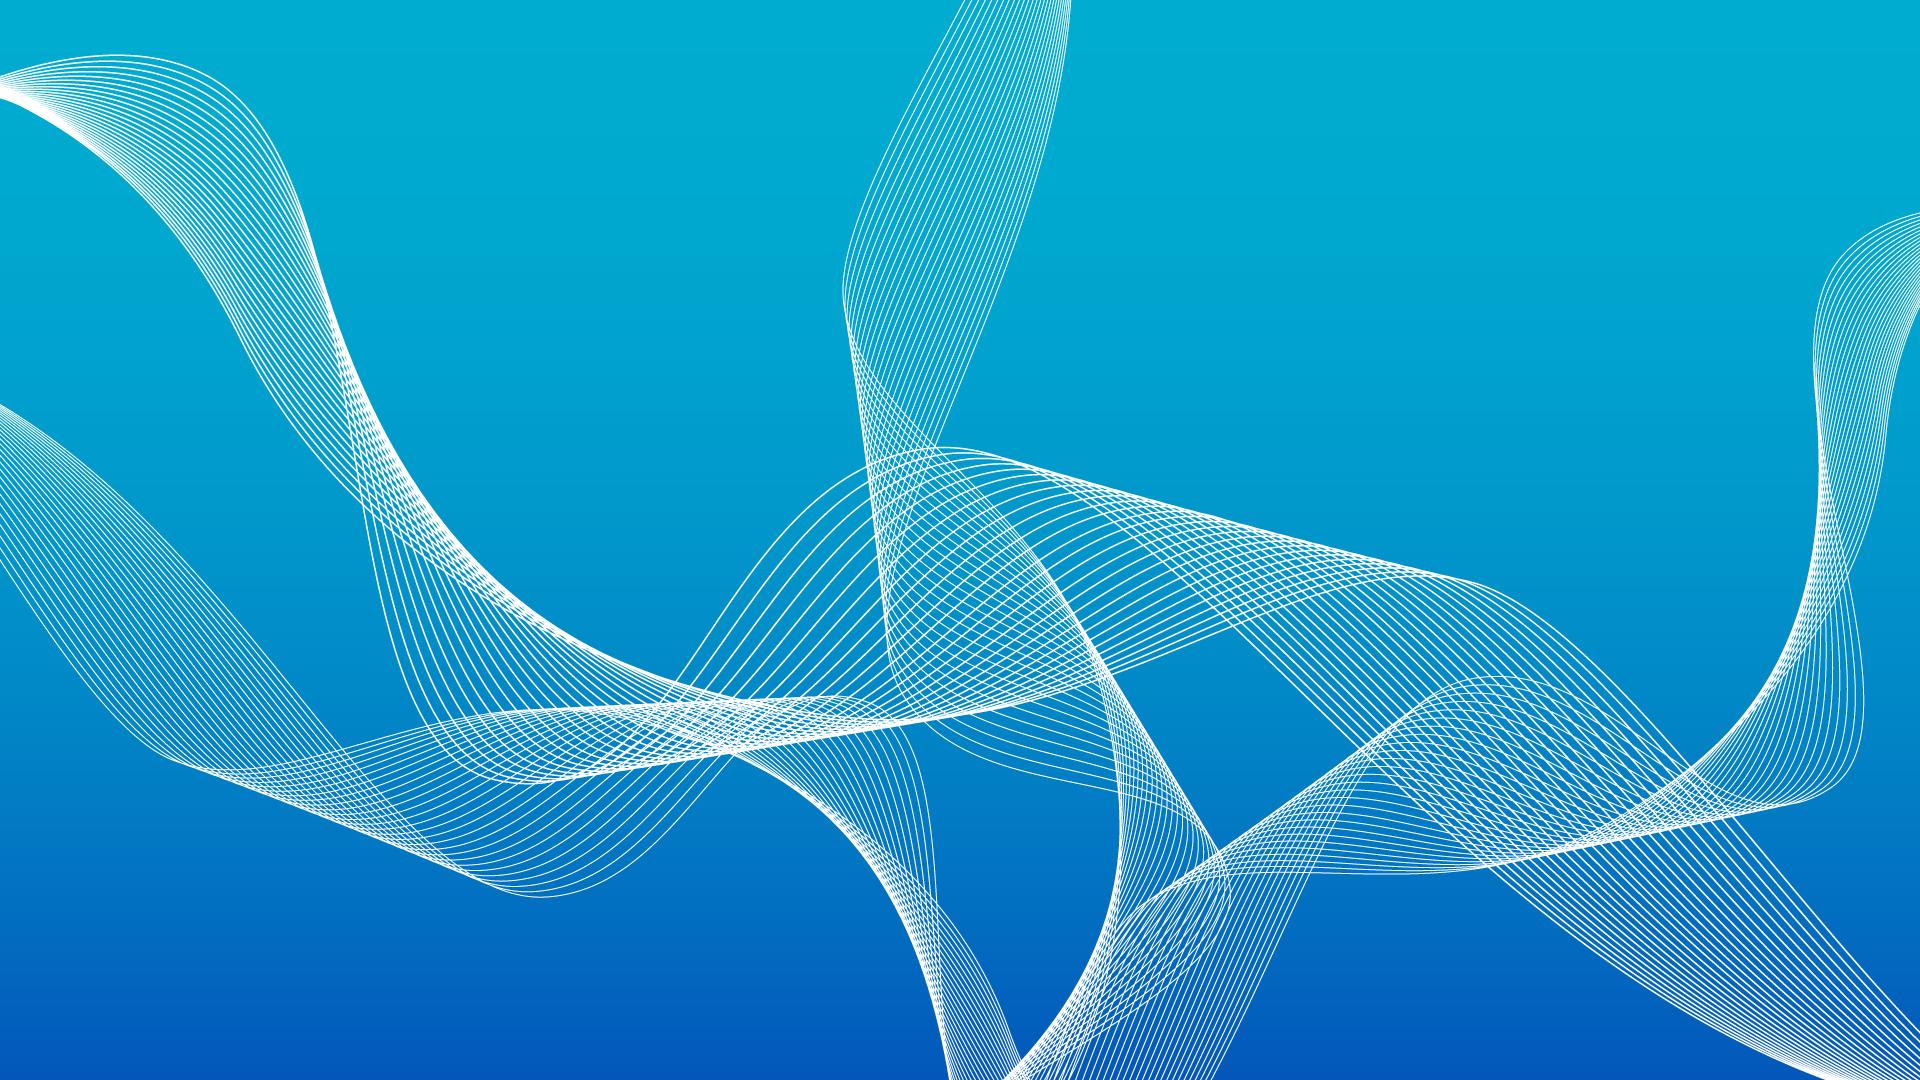 ブルーグラデーションと波線の壁紙・背景素材 1,920px×1,080px